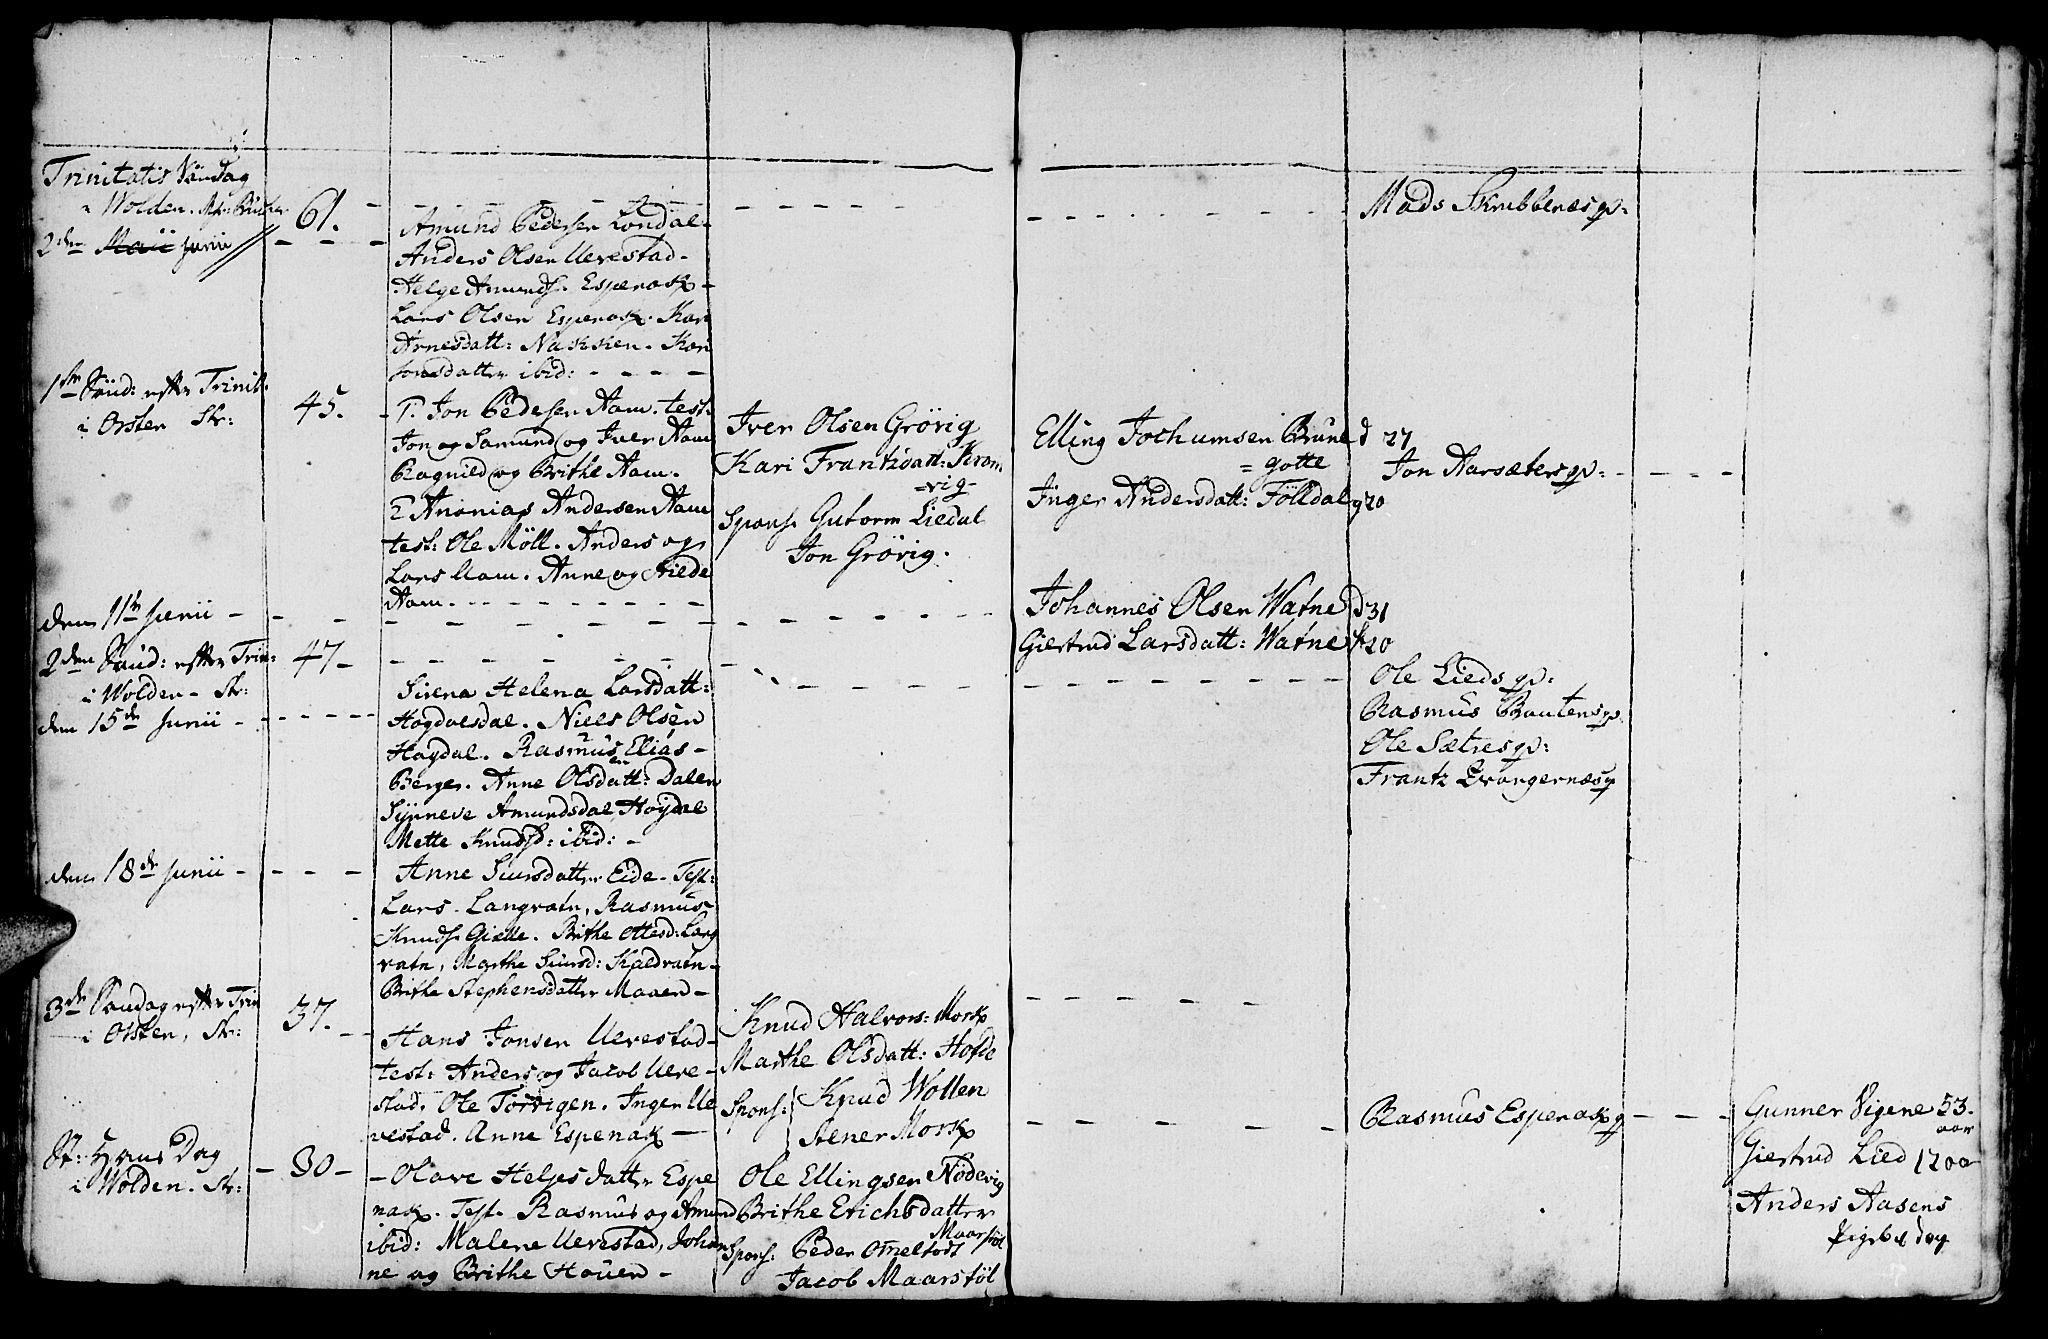 SAT, Ministerialprotokoller, klokkerbøker og fødselsregistre - Møre og Romsdal, 511/L0136: Ministerialbok nr. 511A03, 1760-1786